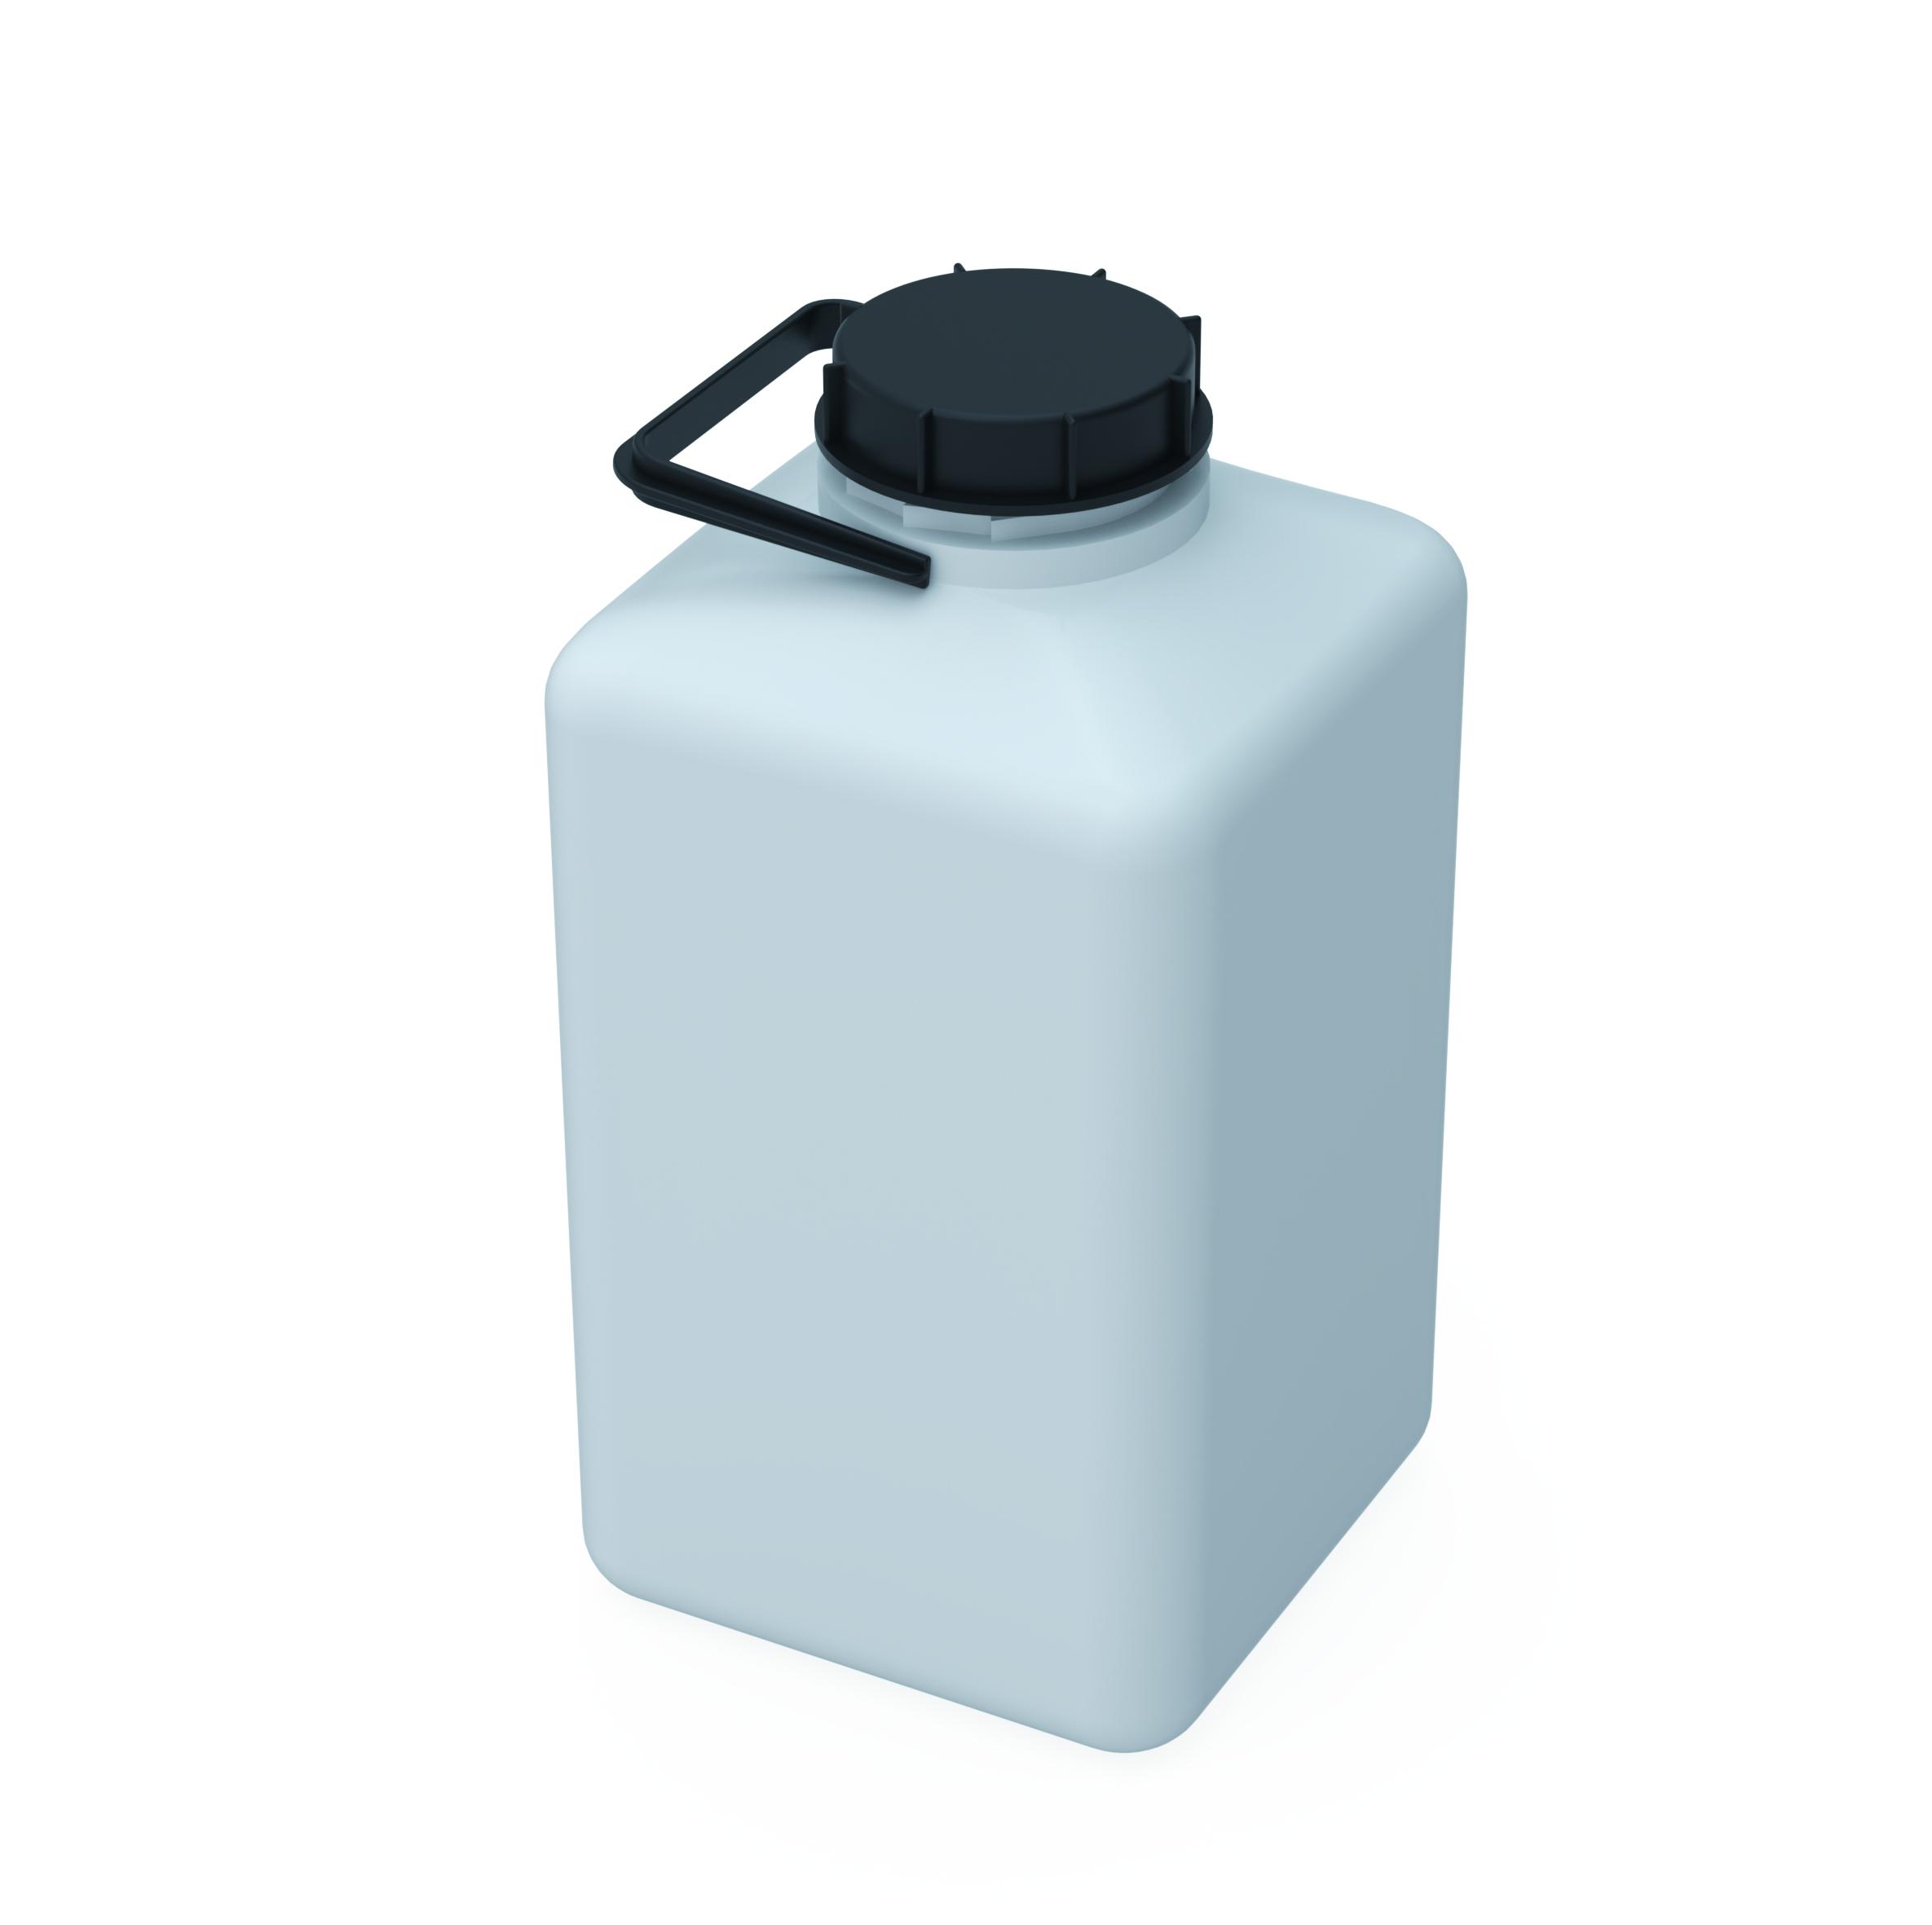 Kanister S90  Kanister mit Gewinde S90 (DIN90) zum Sammeln flüssiger Abfälle. Ausführung gemäß Tabelle, Kanist